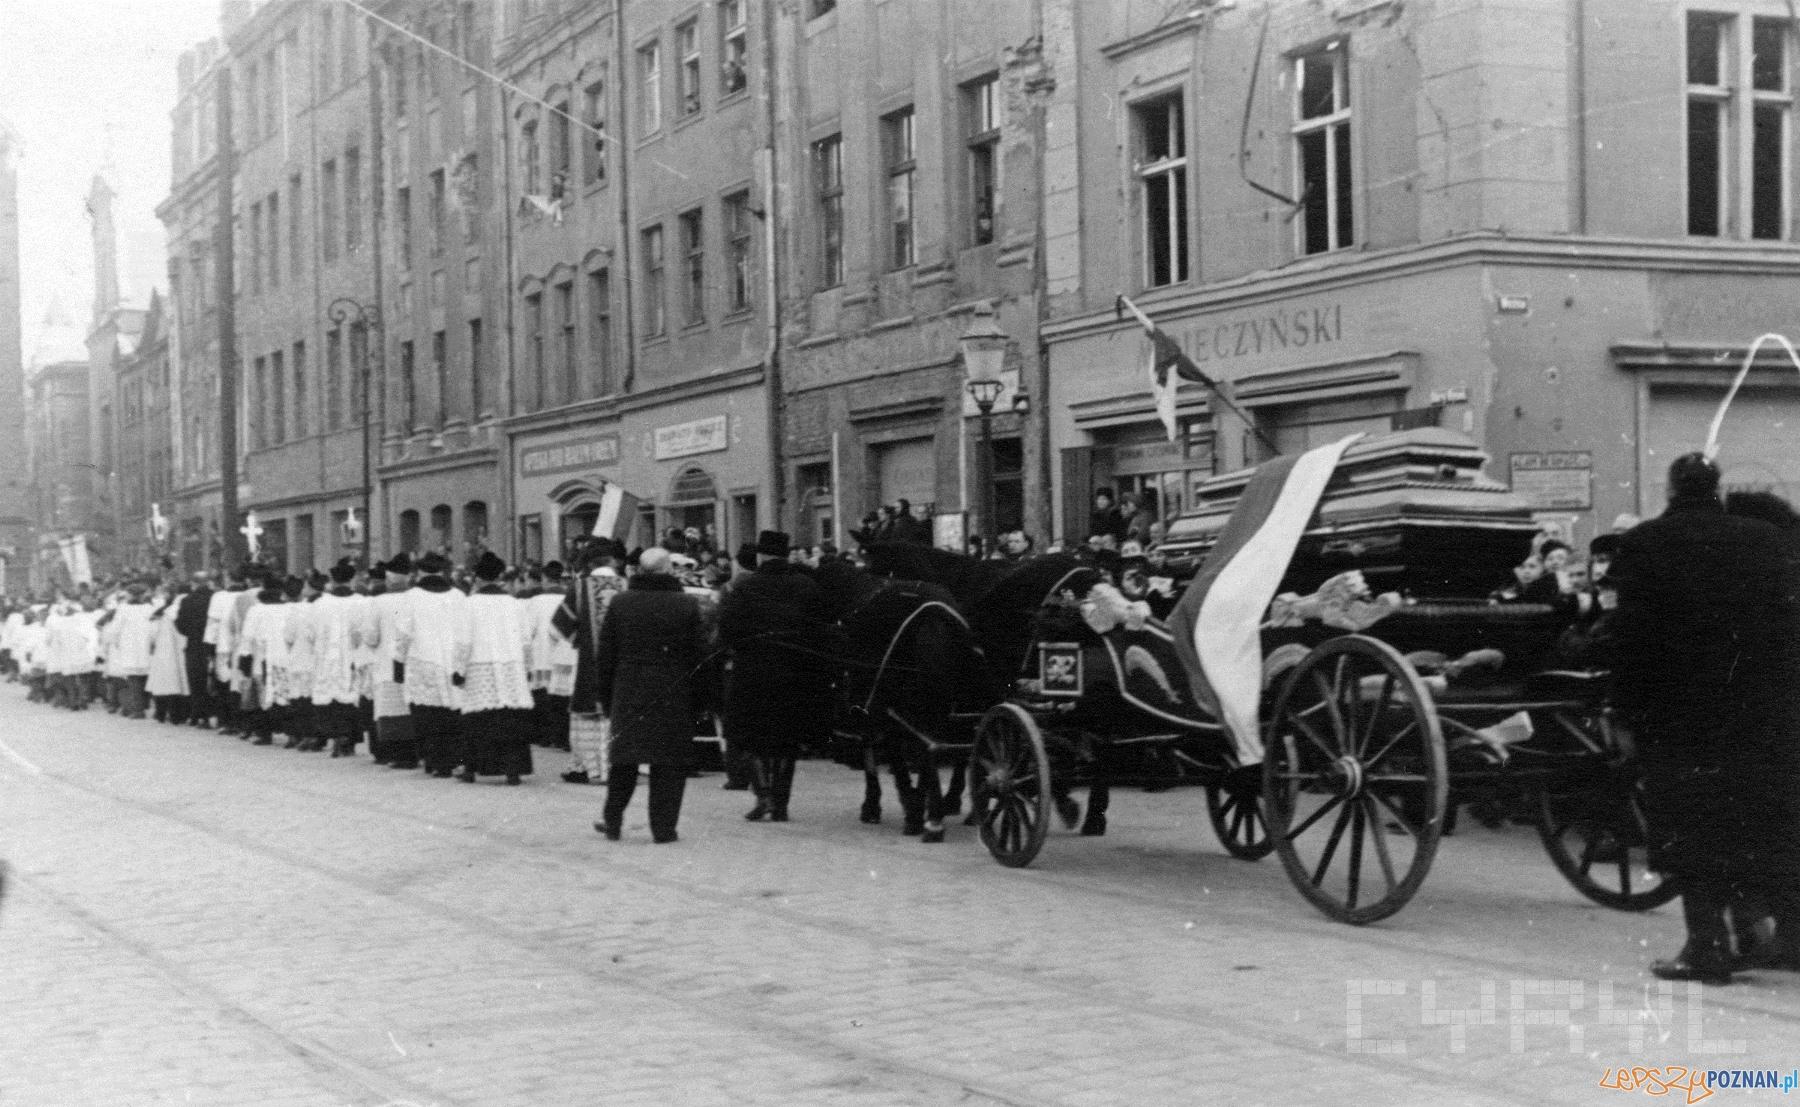 Pogrzeb Feliksa Nowowiejskiego